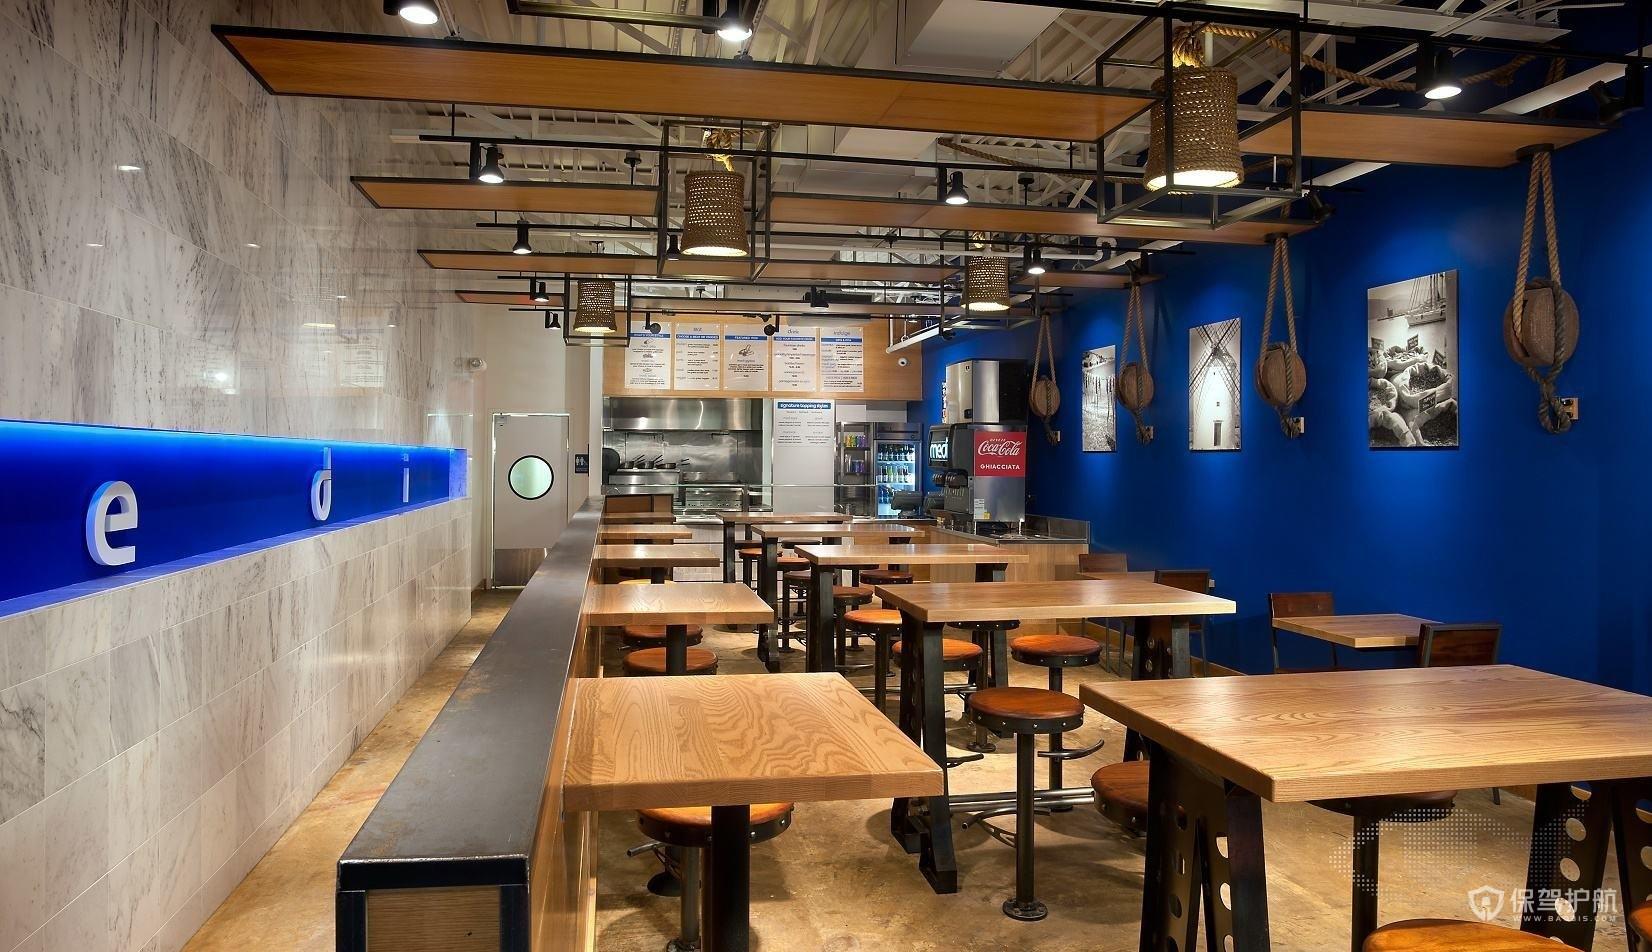 小型后现代工装饭馆装修效果图